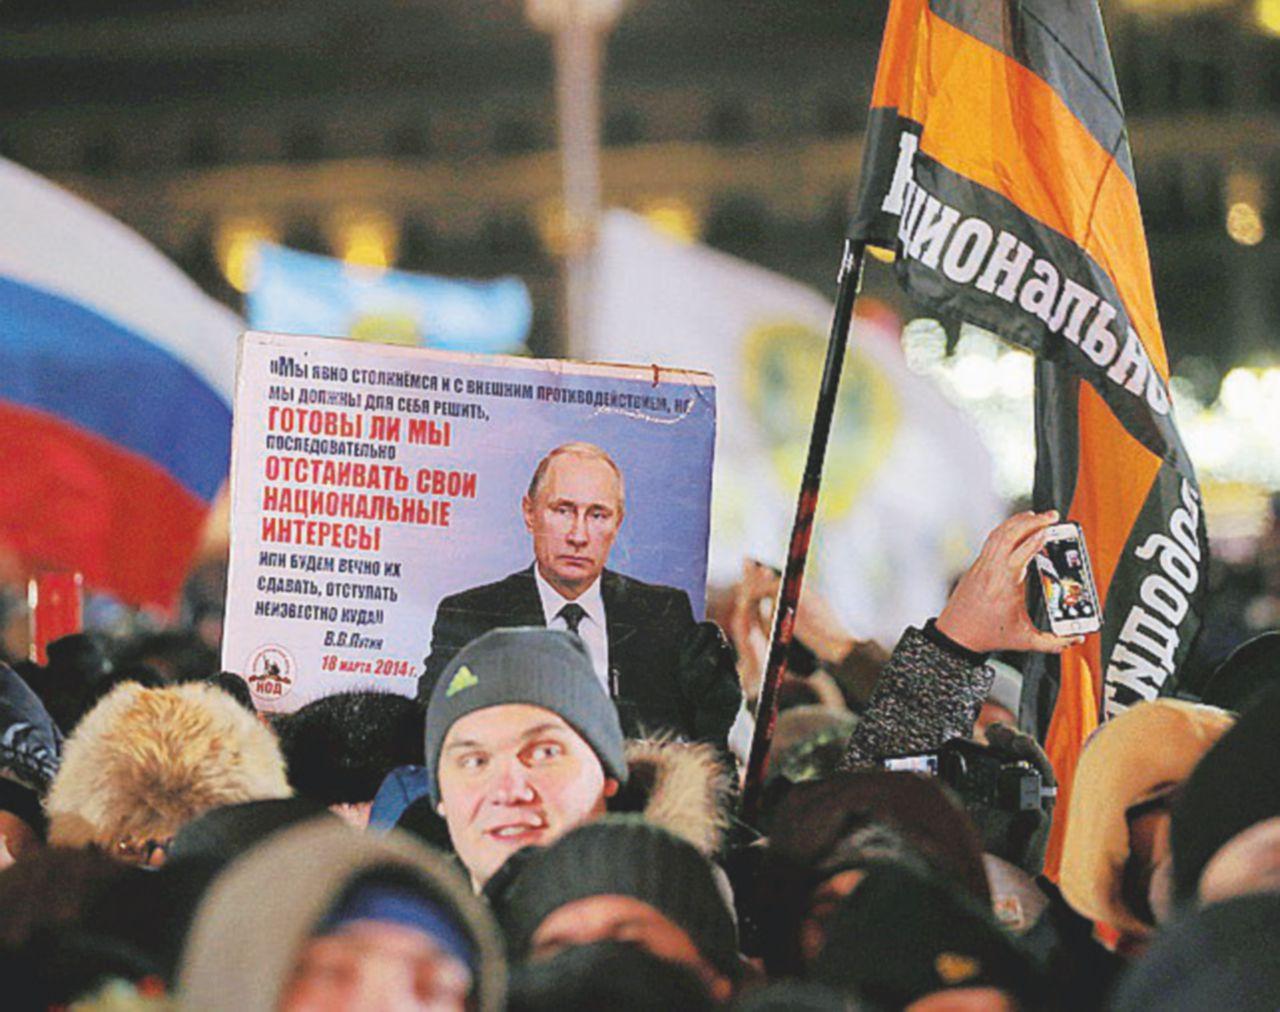 Cari autocrati dell'Est unitevi: più poteri a uno meno diritti per tutti